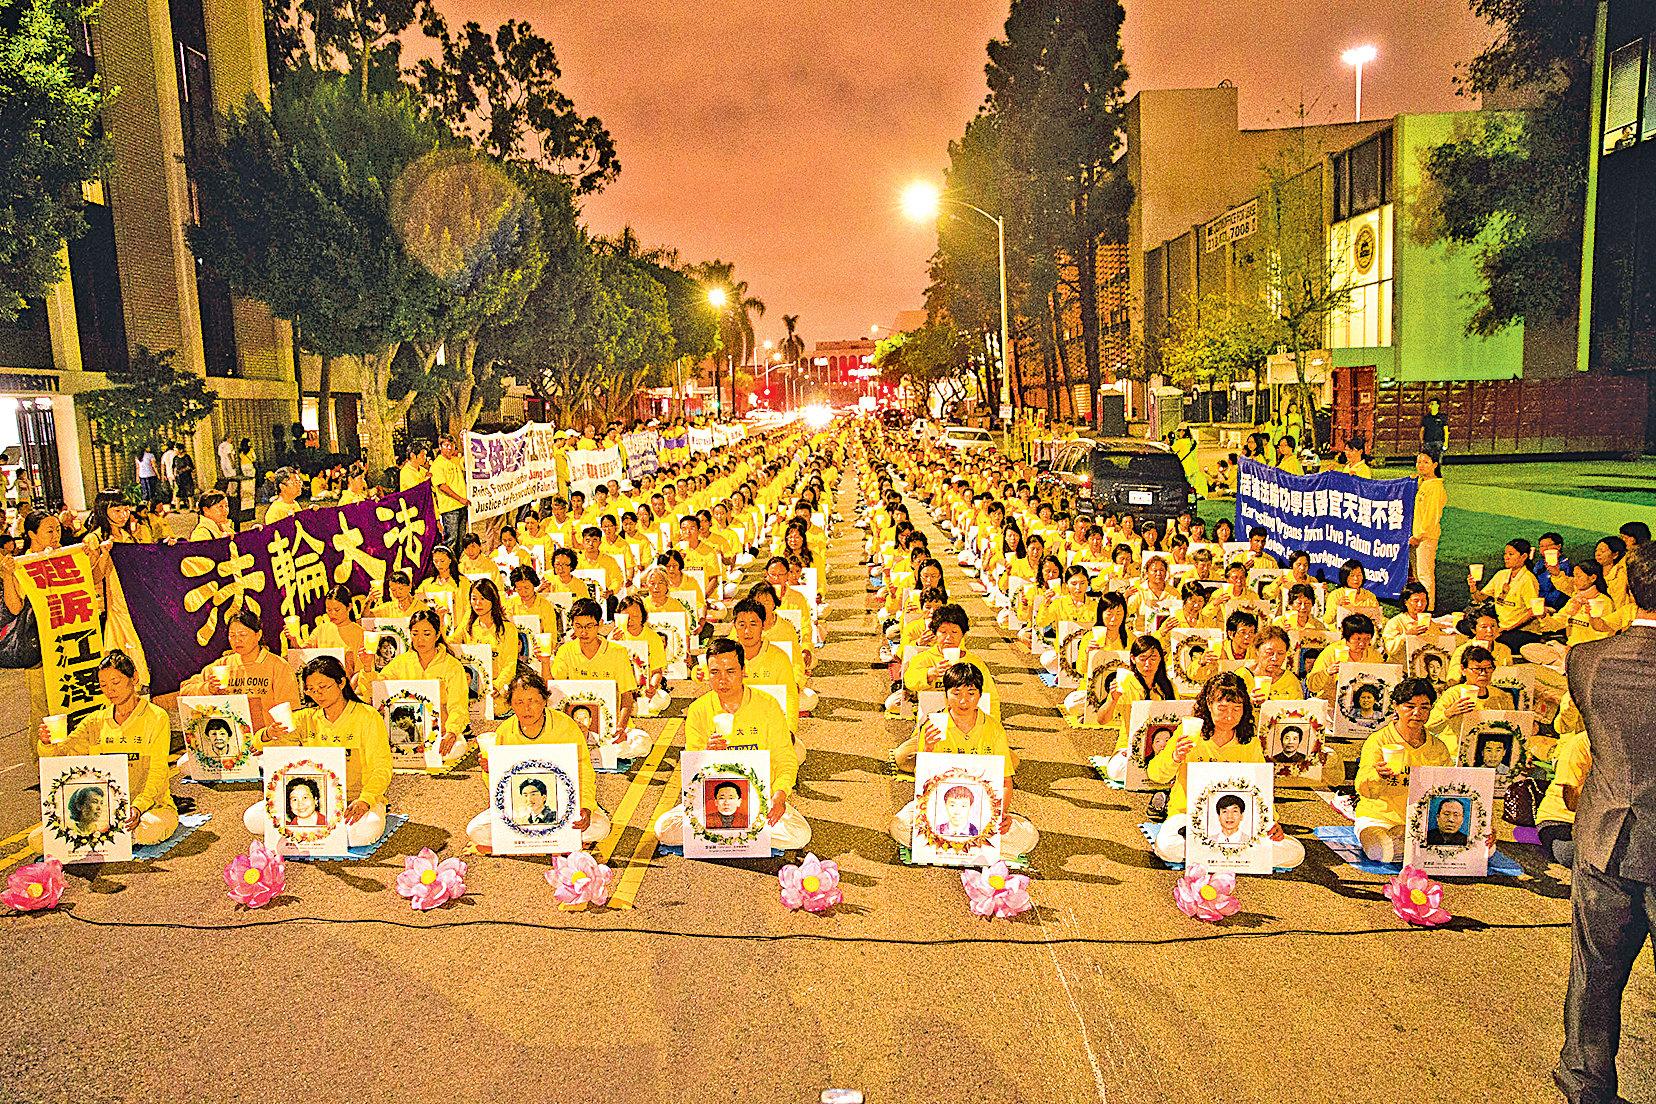 洛杉磯燭光守夜悼念被迫害致死的中國法輪功學員。(季媛/大紀元)